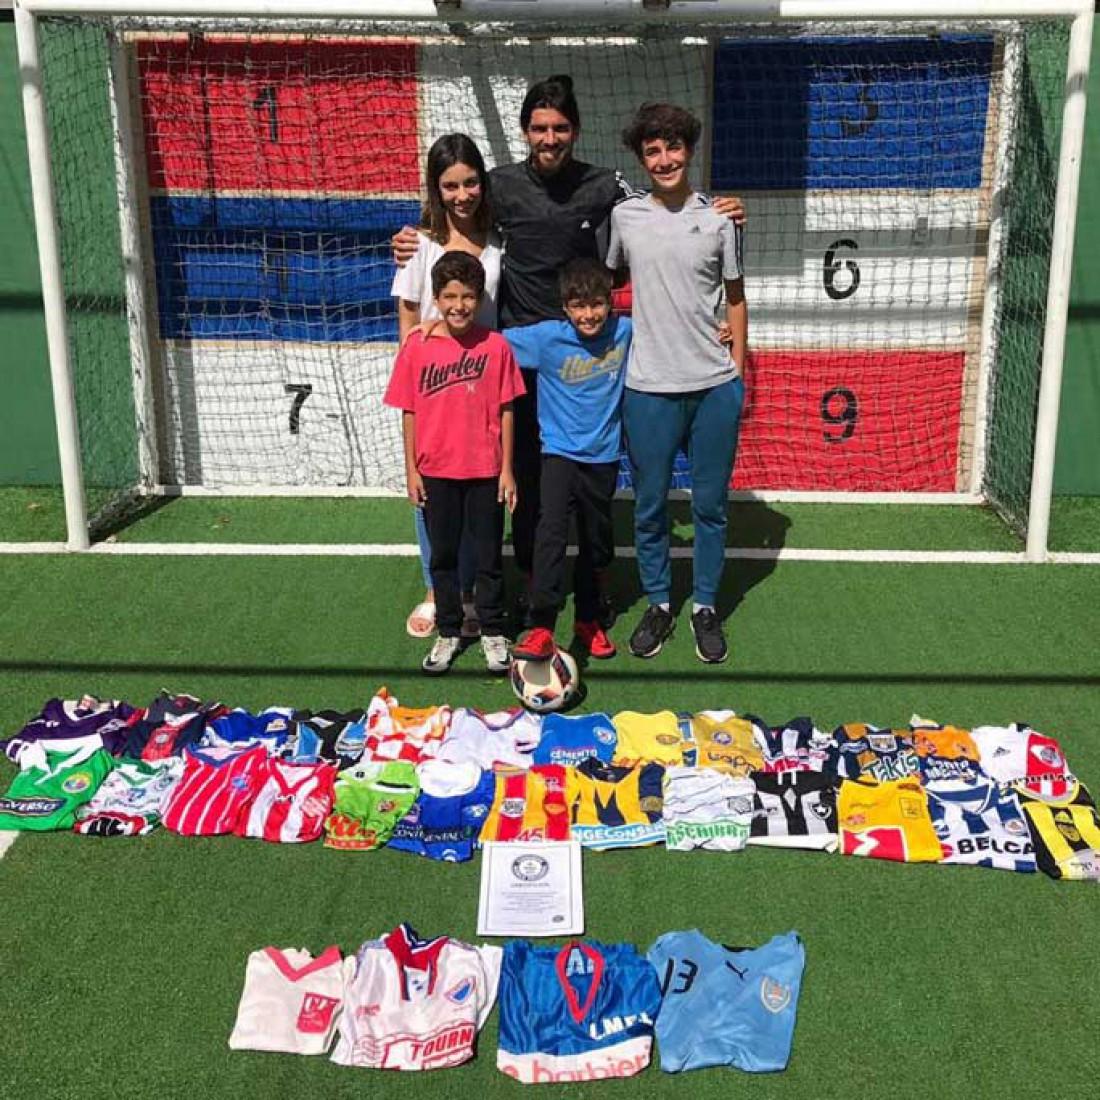 Себастьян Абреу с сертификатом и футболками всех клубов, в которых он играл